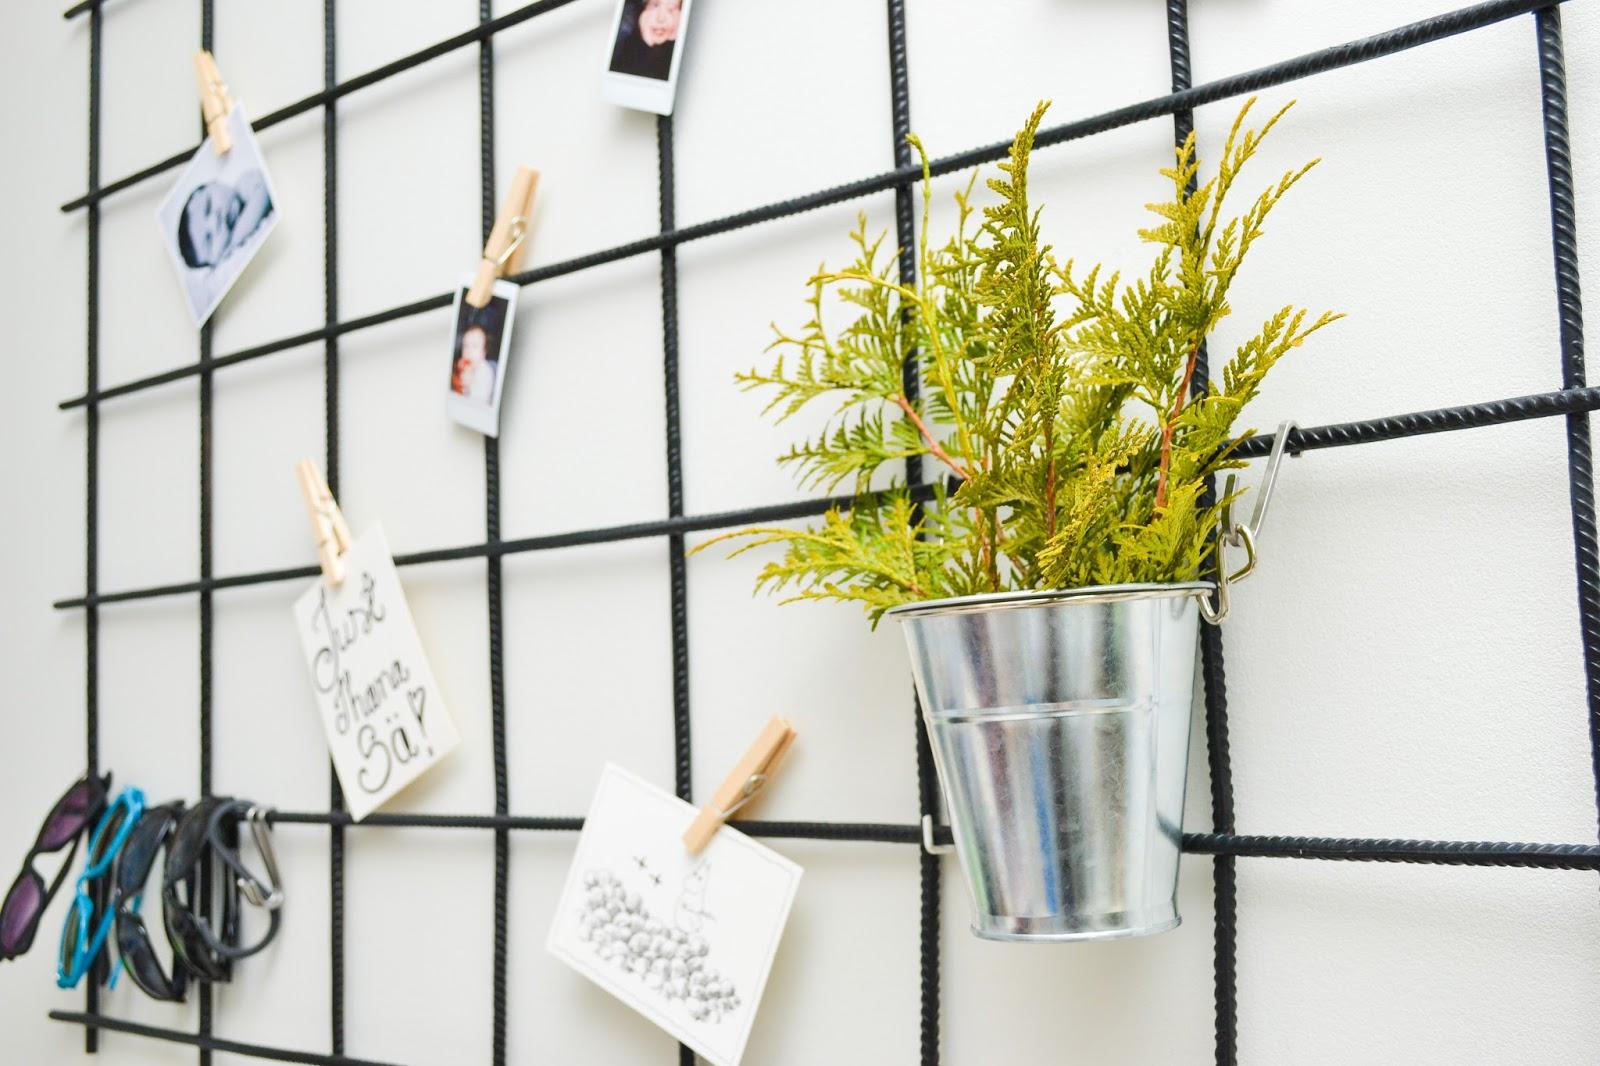 Saippuakuplia olohuoneessa- blogi, kuva Hanna Poikkilehto, metallinen ritilä muistitaulu, diy, raudoitusverkko, työhuone, koti, sisustus, blogisisaret